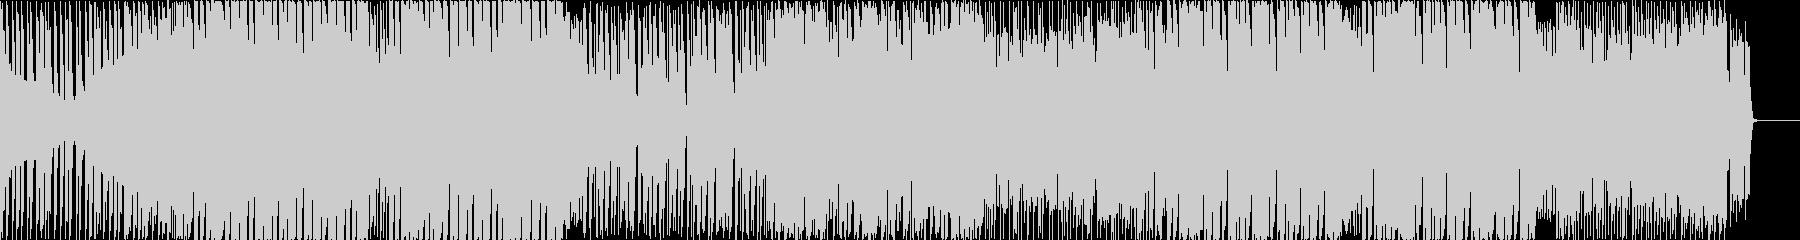 アップテンポなシンセとボイスのEDMの未再生の波形